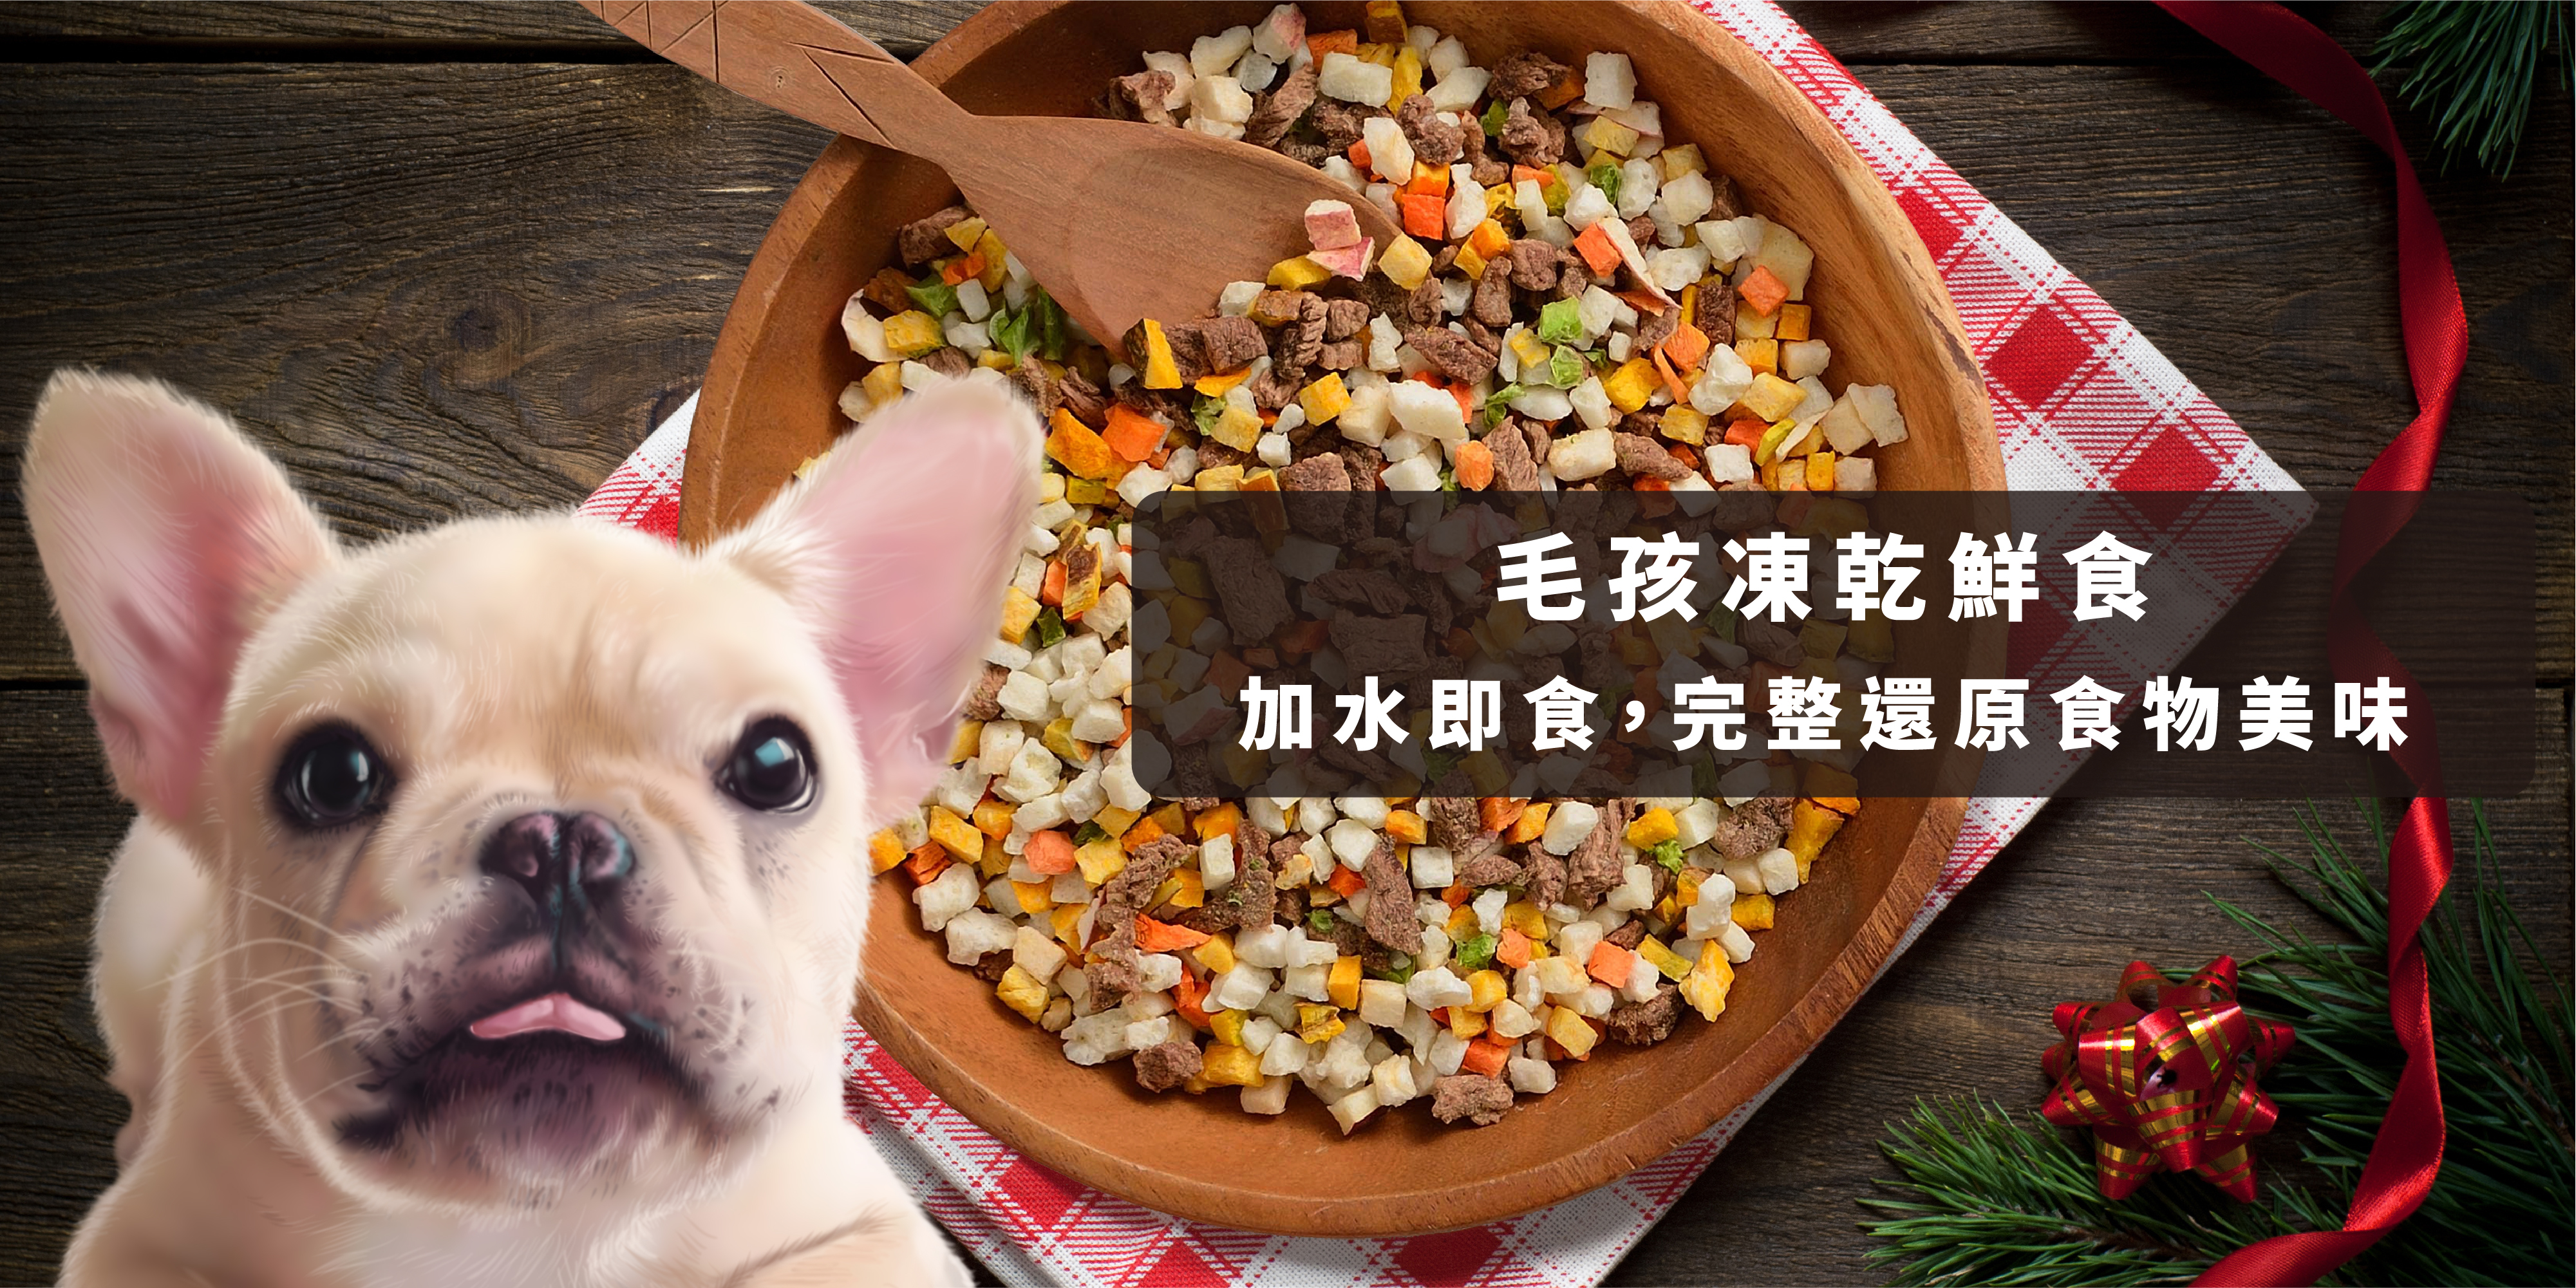 毛食嗑寵物鮮食包純天然無添加-加溫水馬上吃